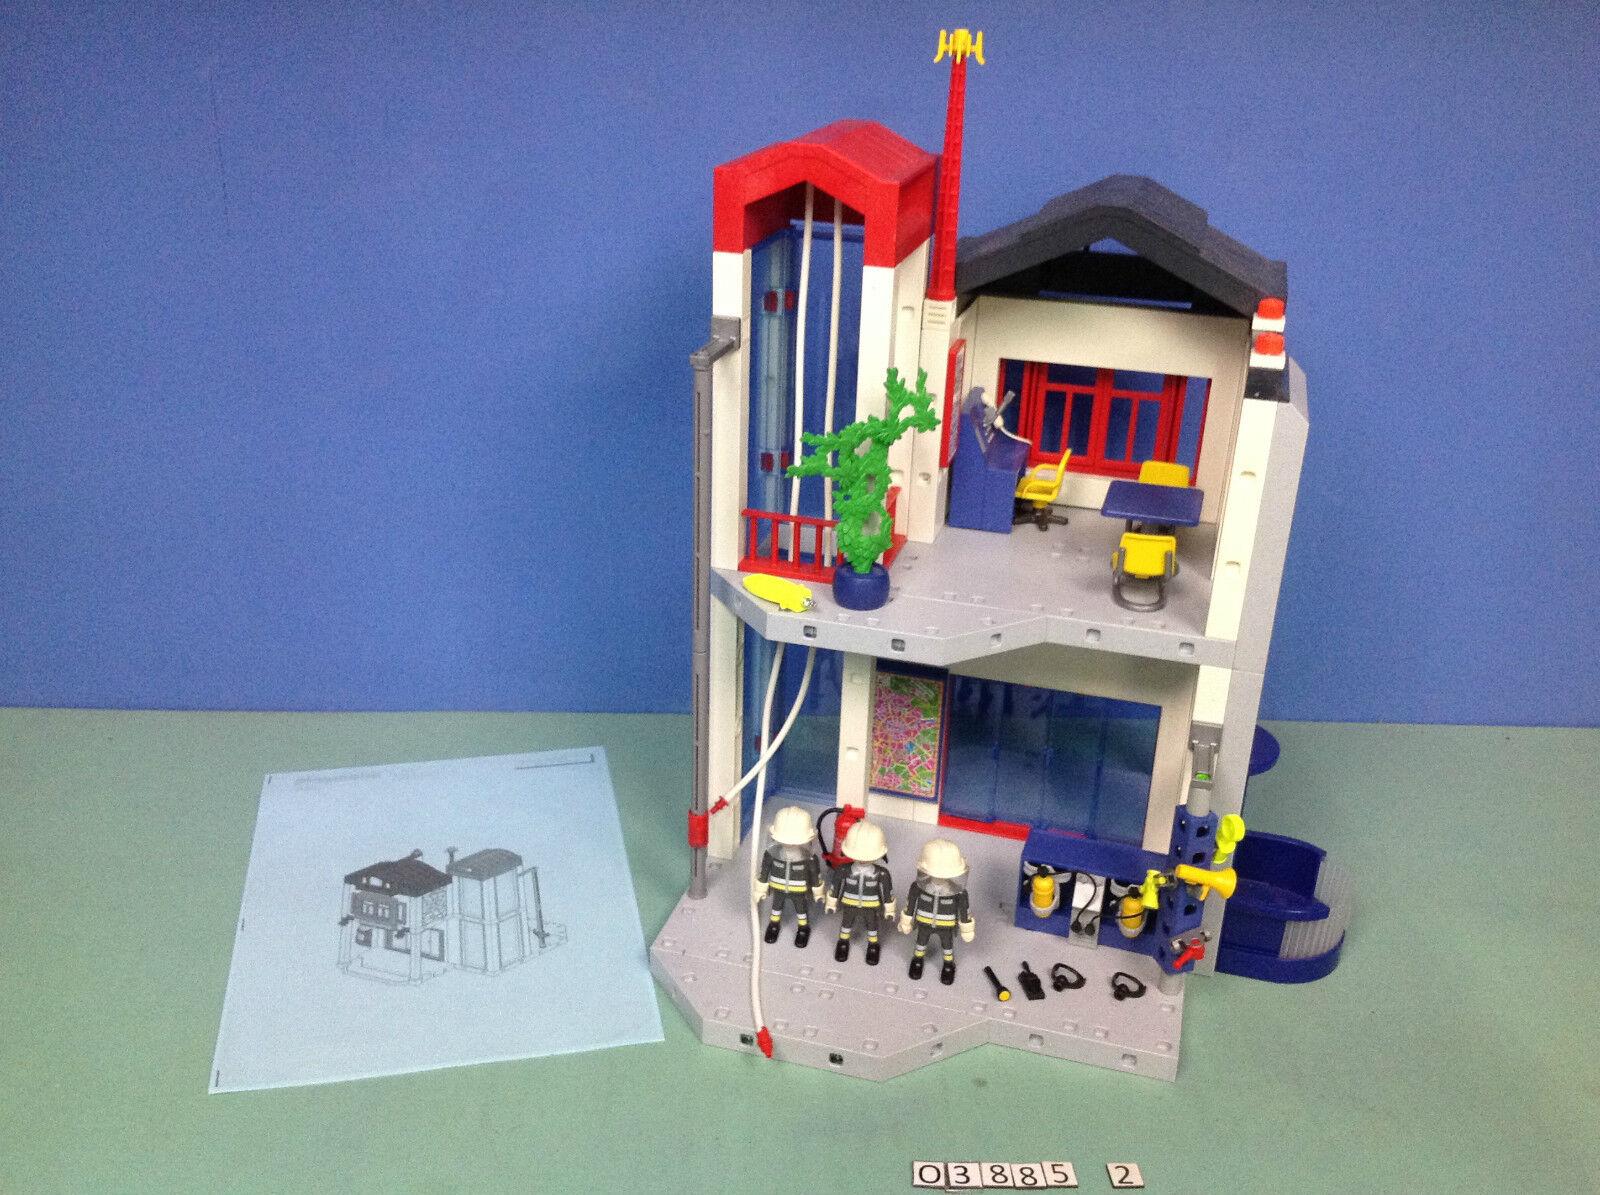 (O3885.2) playmobil Caserne de pompiers centre d'entraînement  ref 3885  scegli il tuo preferito